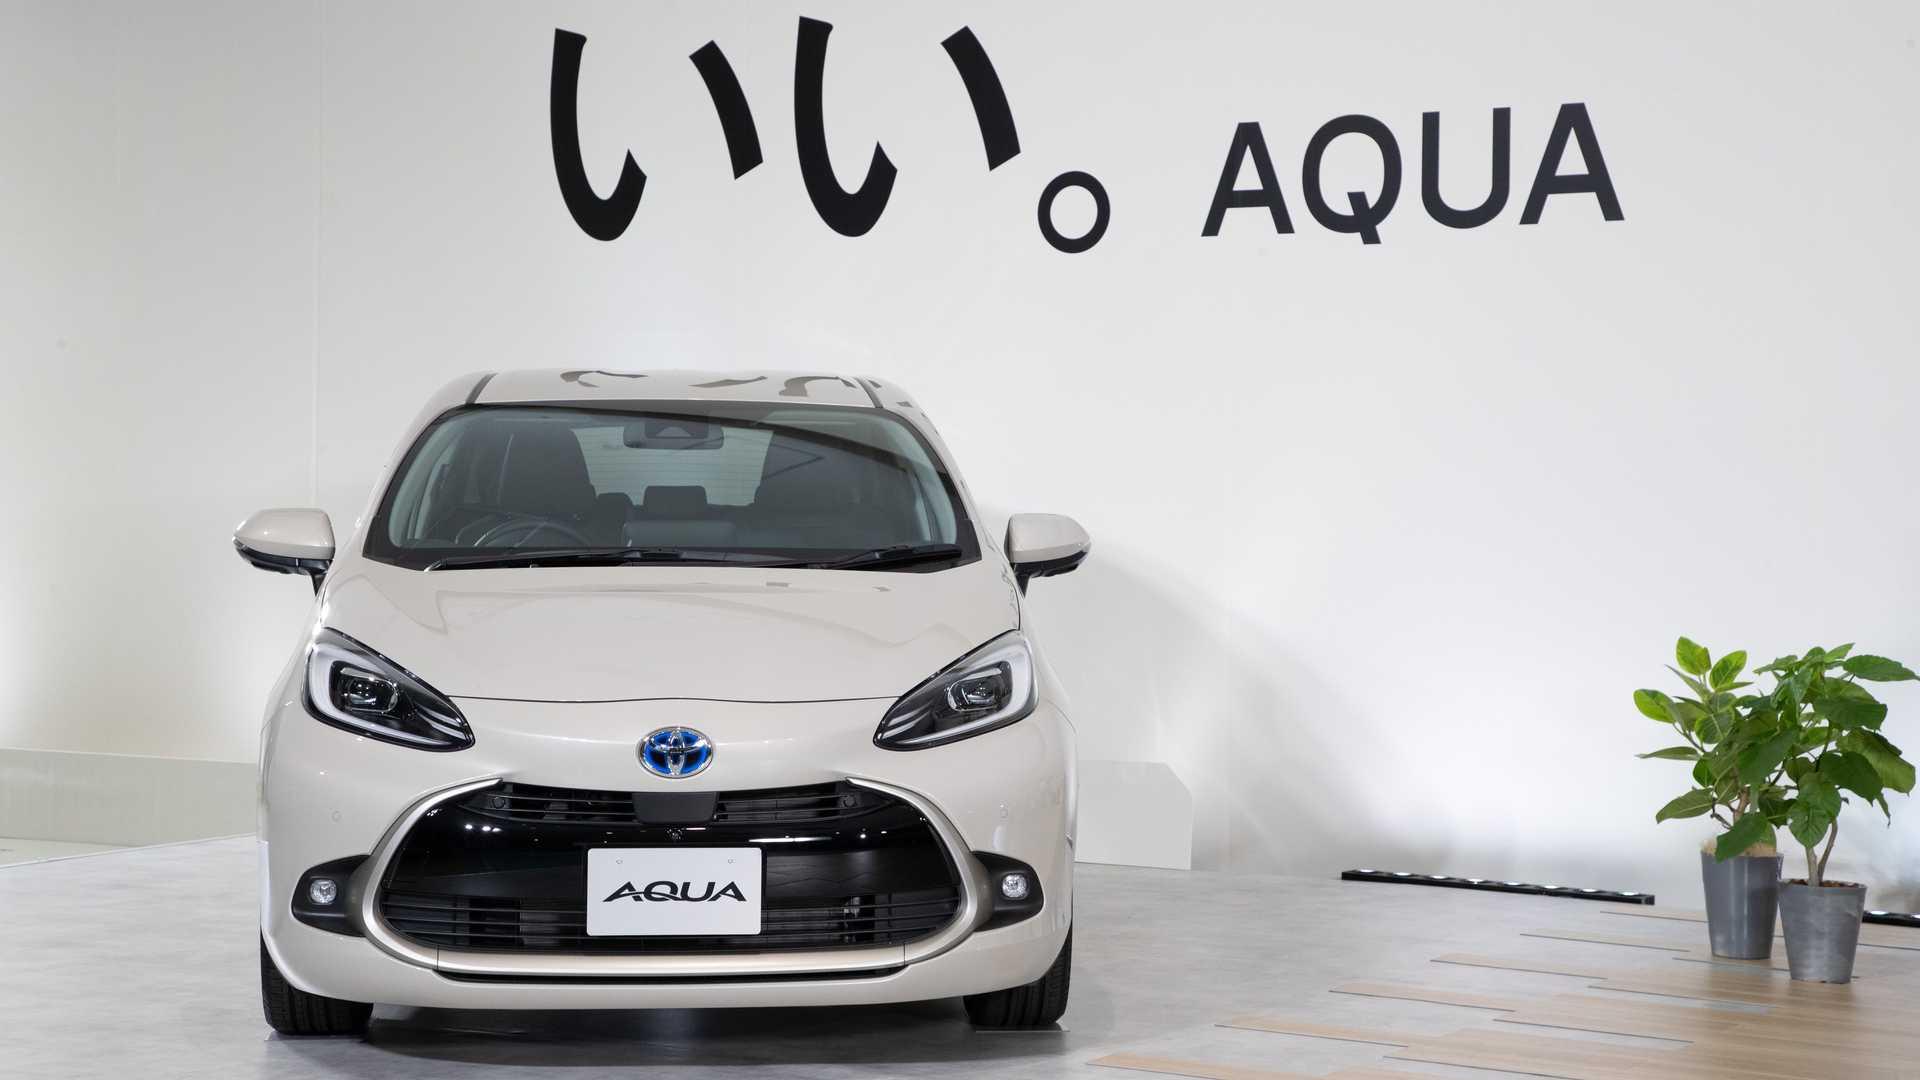 Toyota trang bị gì cho mẫu xe 400 triệu, uống ít xăng đáng kinh ngạc 2,79 lít/100 km? - Ảnh 1.